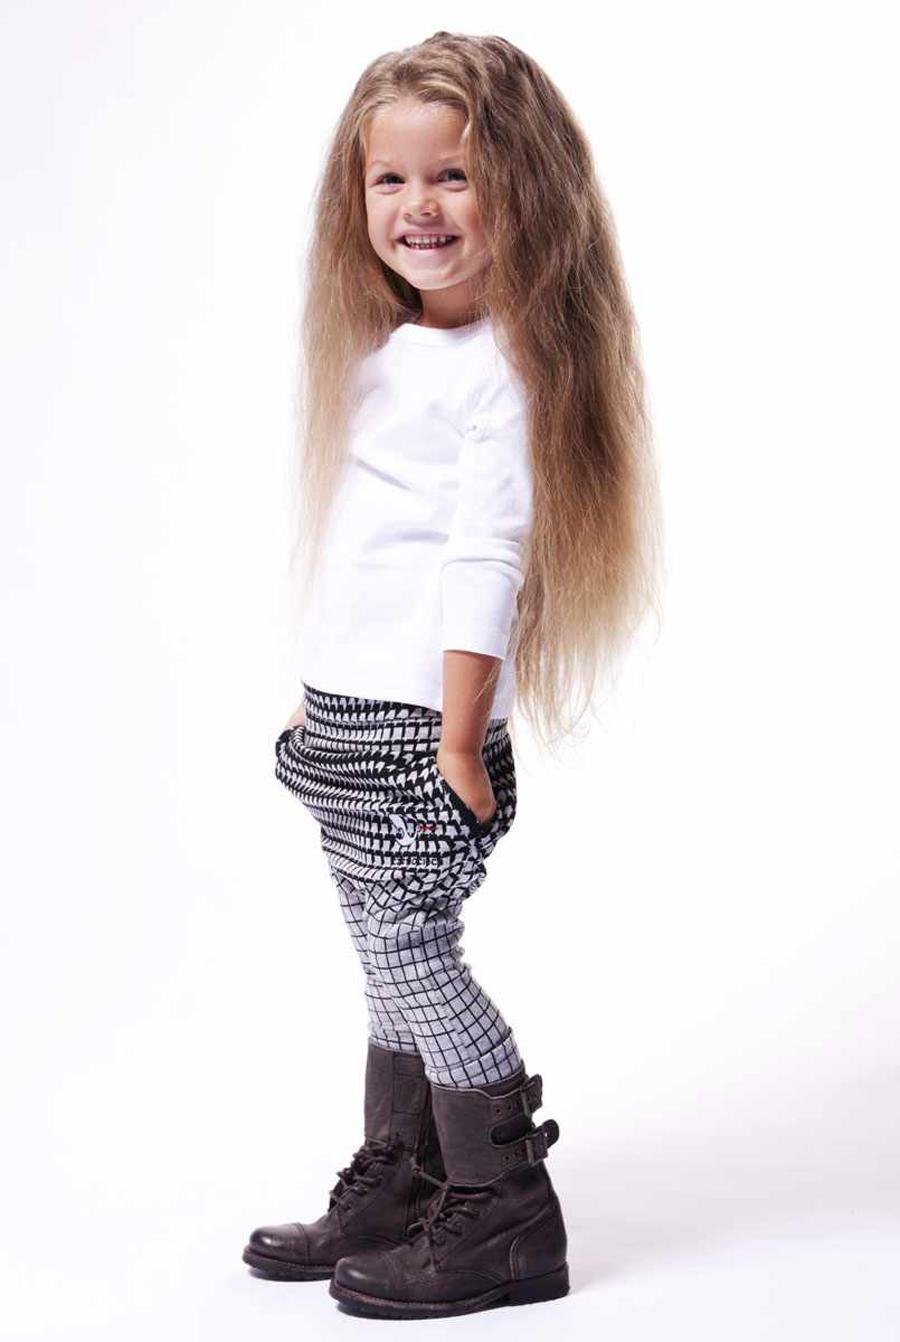 czesiosciuch-dziewczynka1